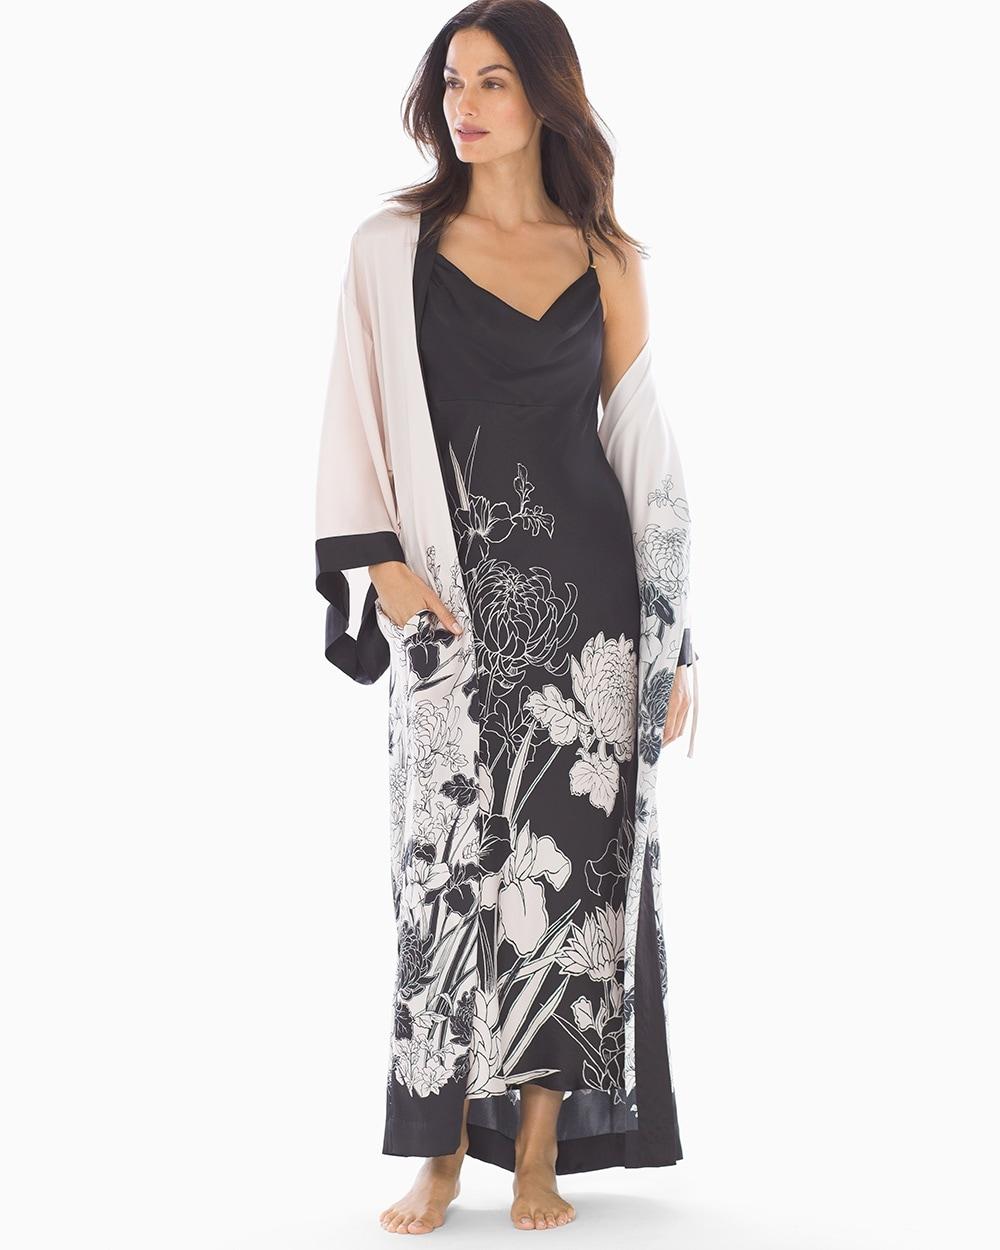 Kimono Robe Heirloom Border Soft Sand